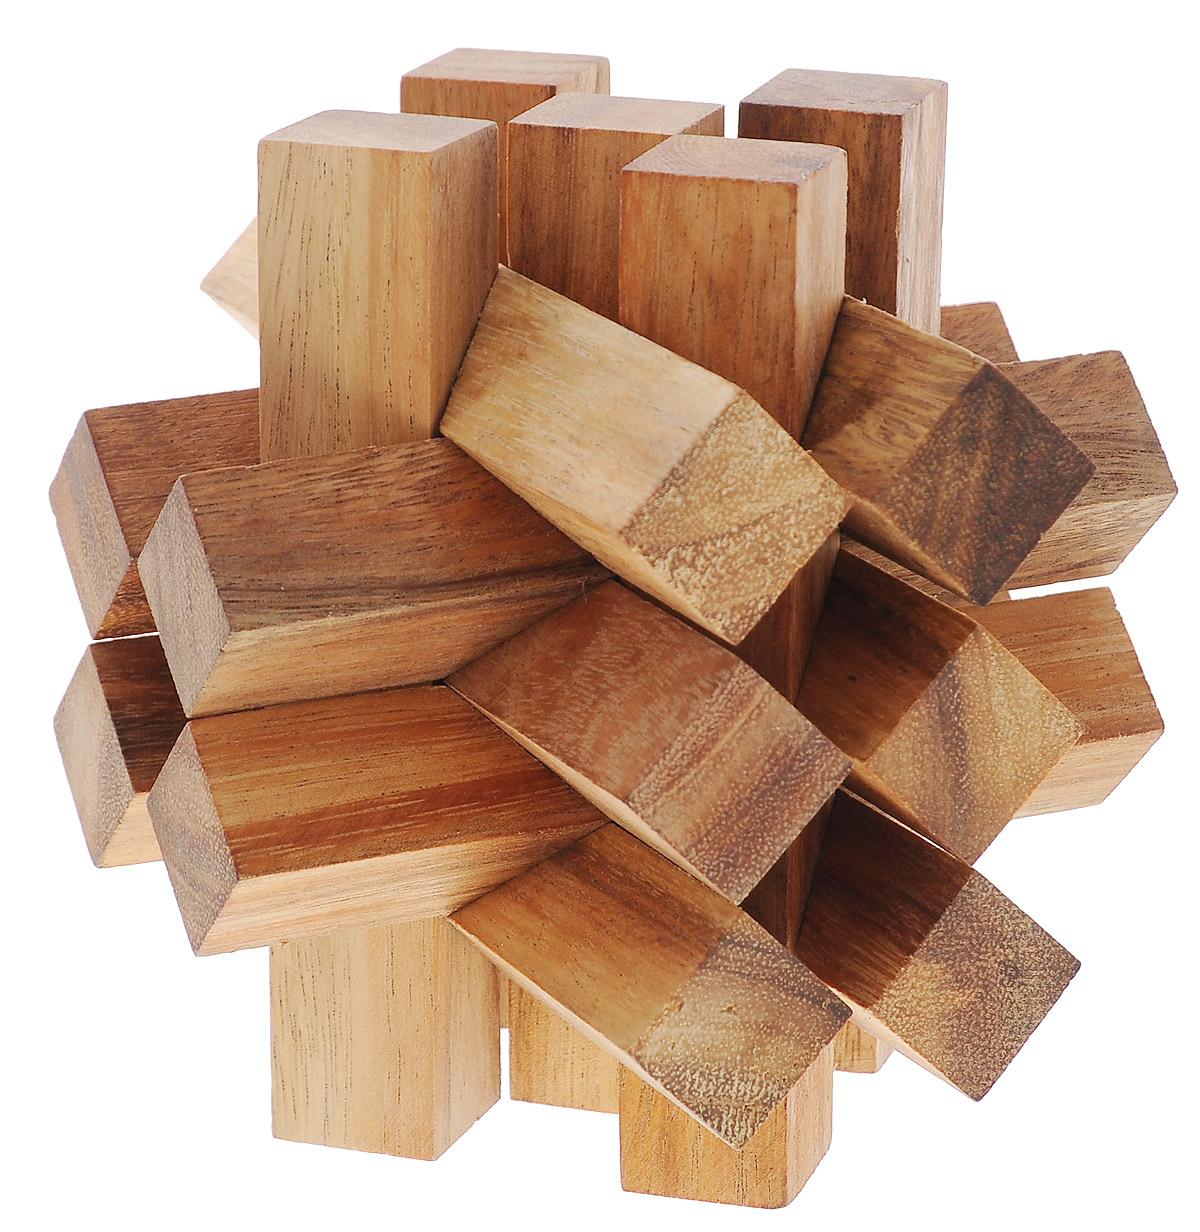 Dilemma Головоломка Заблокированные бруски 15 элементовIQ651A_15Головоломка Dilemma Заблокированные бруски, выполненная из дерева, станет отличным подарком всем любителям головоломок! Куб состоит из 15 деревянных деталей. Некоторые детали одинаковой формы, так что всего здесь три разных вида деталей. Попробуйте разобрать бруски (это нетрудно), а затем собрать их обратно (это сложнее). Слишком сложно? Воспользуйтесь предложенным решением в качестве подсказки. Игра рассчитана на одного игрока. Головоломка Dilemma Заблокированные бруски стимулирует логику, пространственное мышление и мелкую моторику рук.